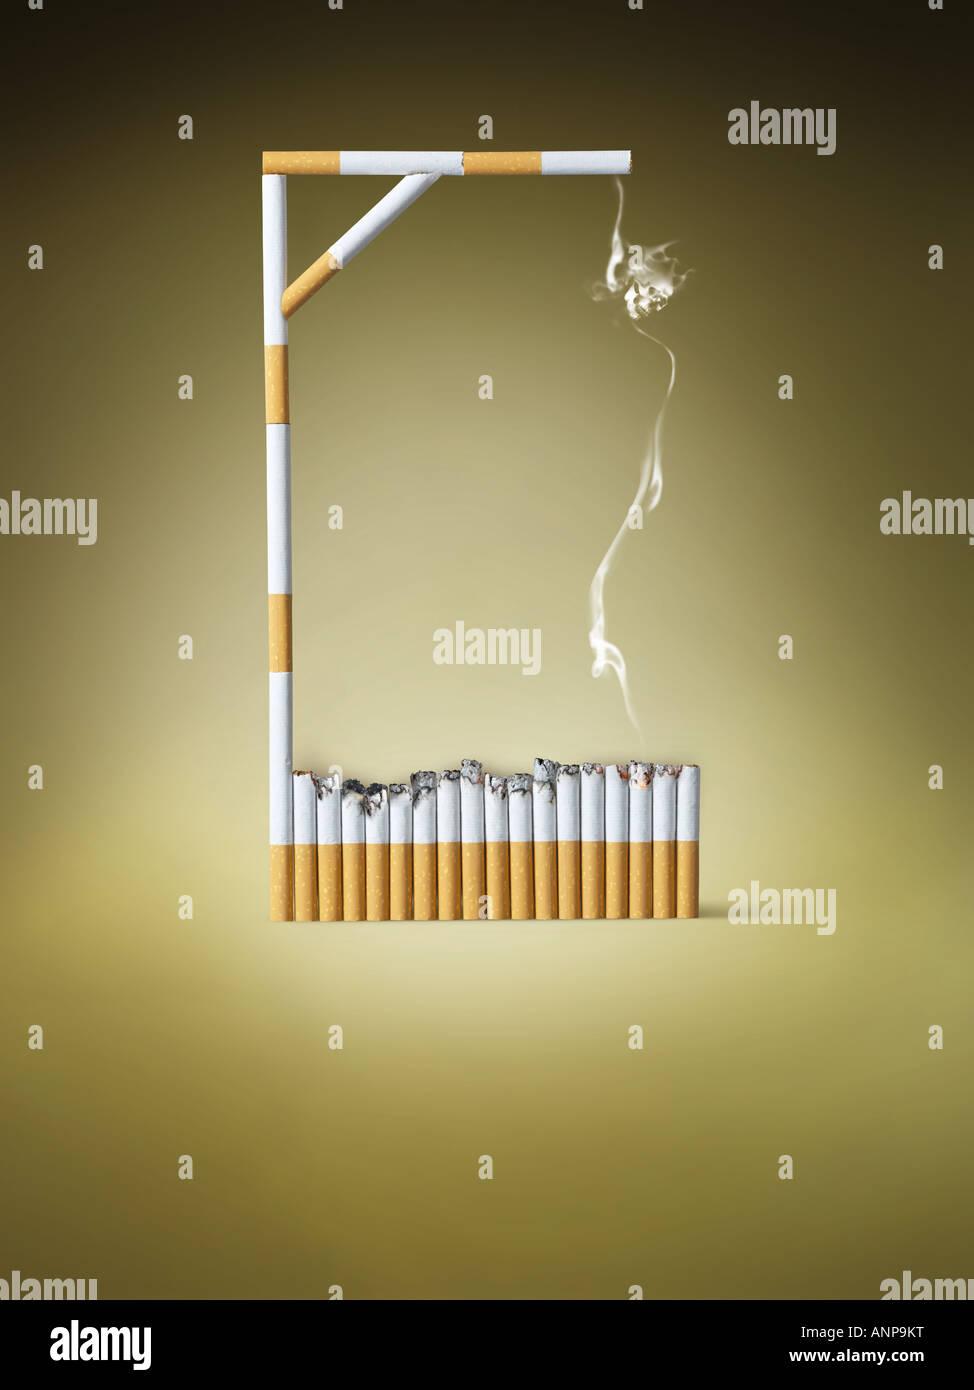 rauchen stockfotos rauchen bilder alamy. Black Bedroom Furniture Sets. Home Design Ideas